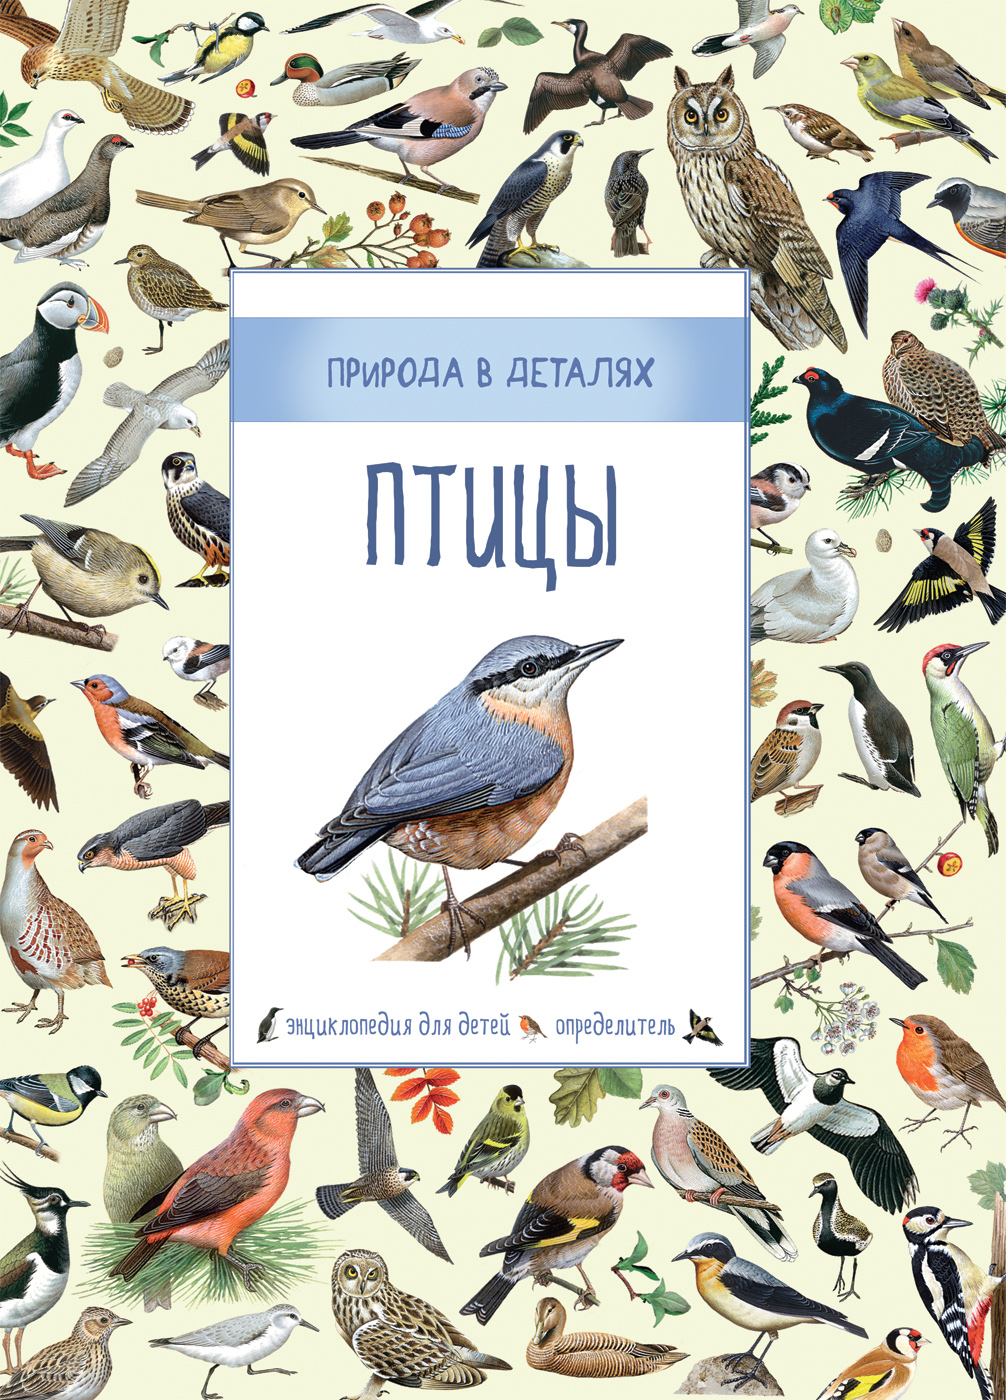 Энциклопедия для детей - Птицы - Природа в деталяхДля детей старшего возраста<br>Энциклопедия для детей - Птицы - Природа в деталях<br>